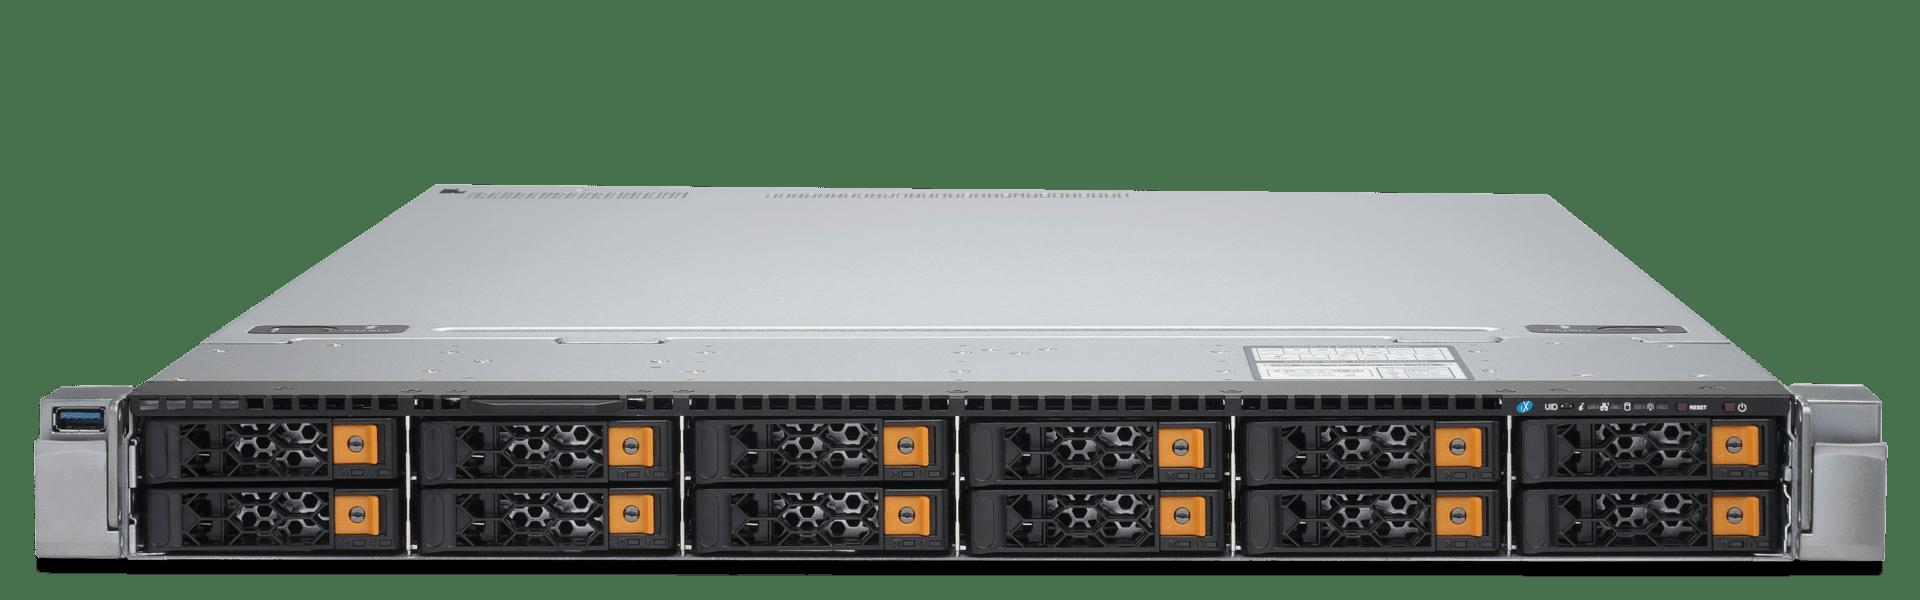 iX-1210A Front